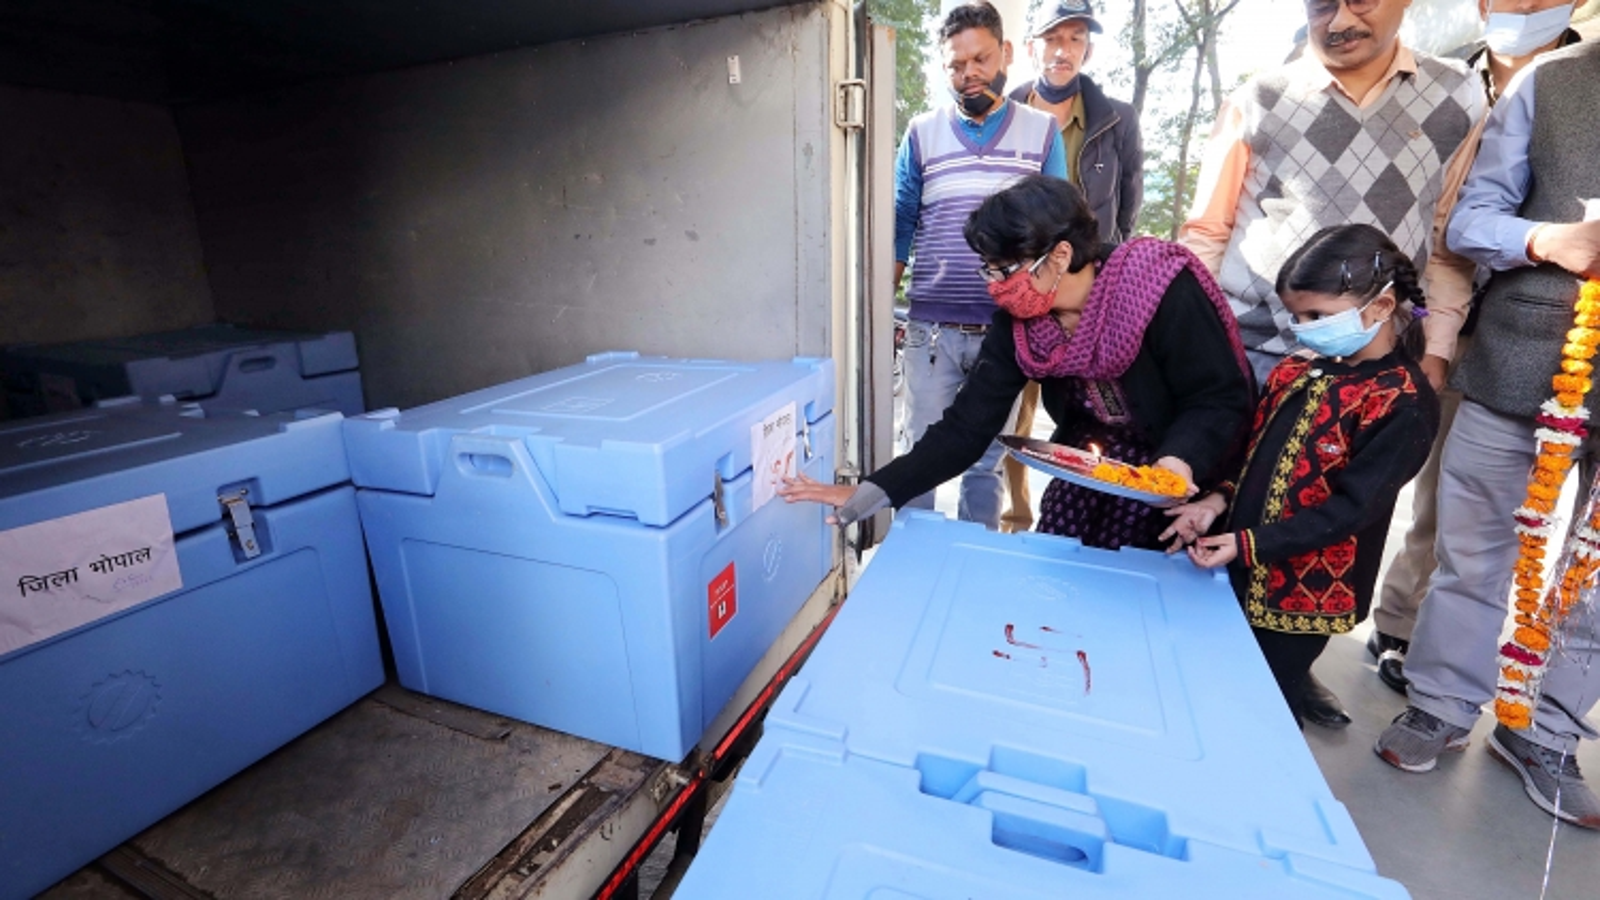 Ấn Độ sẽ chưa xuất khẩu vaccine Covid-19 trong ngắn hạn